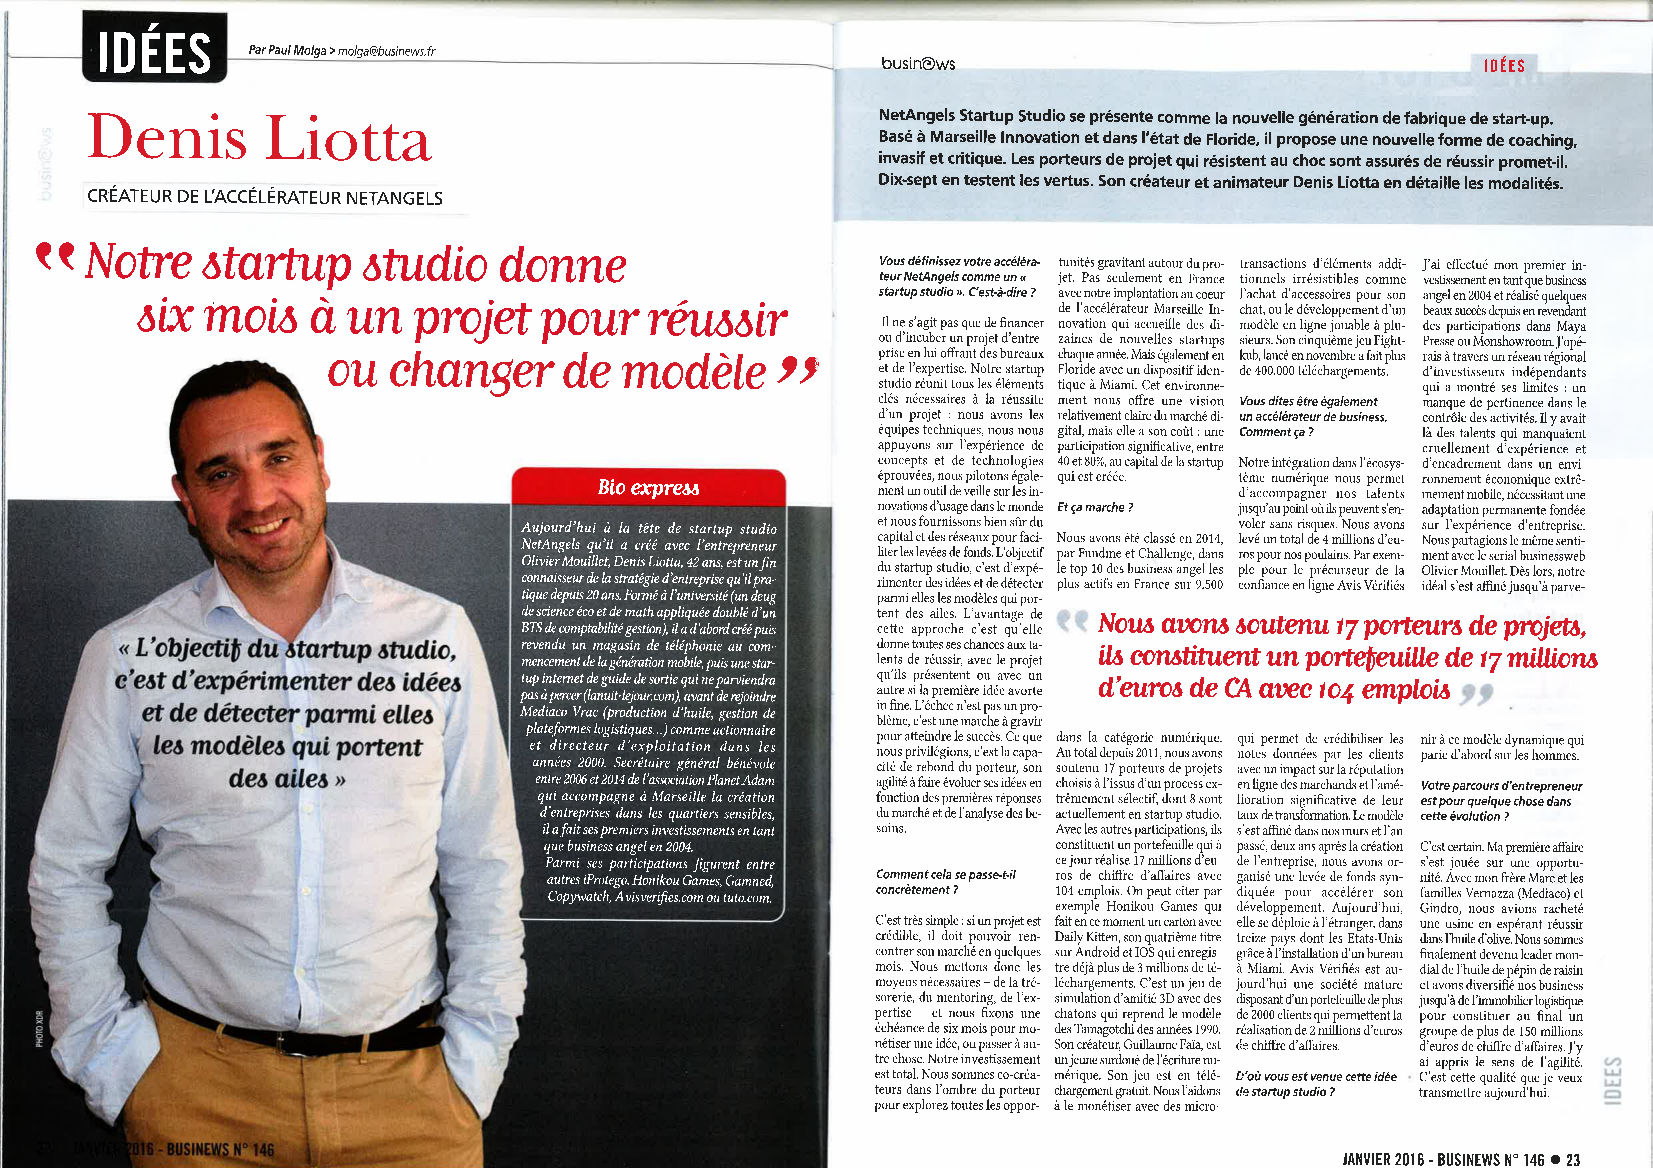 Netangels : accelerateur et startup studio